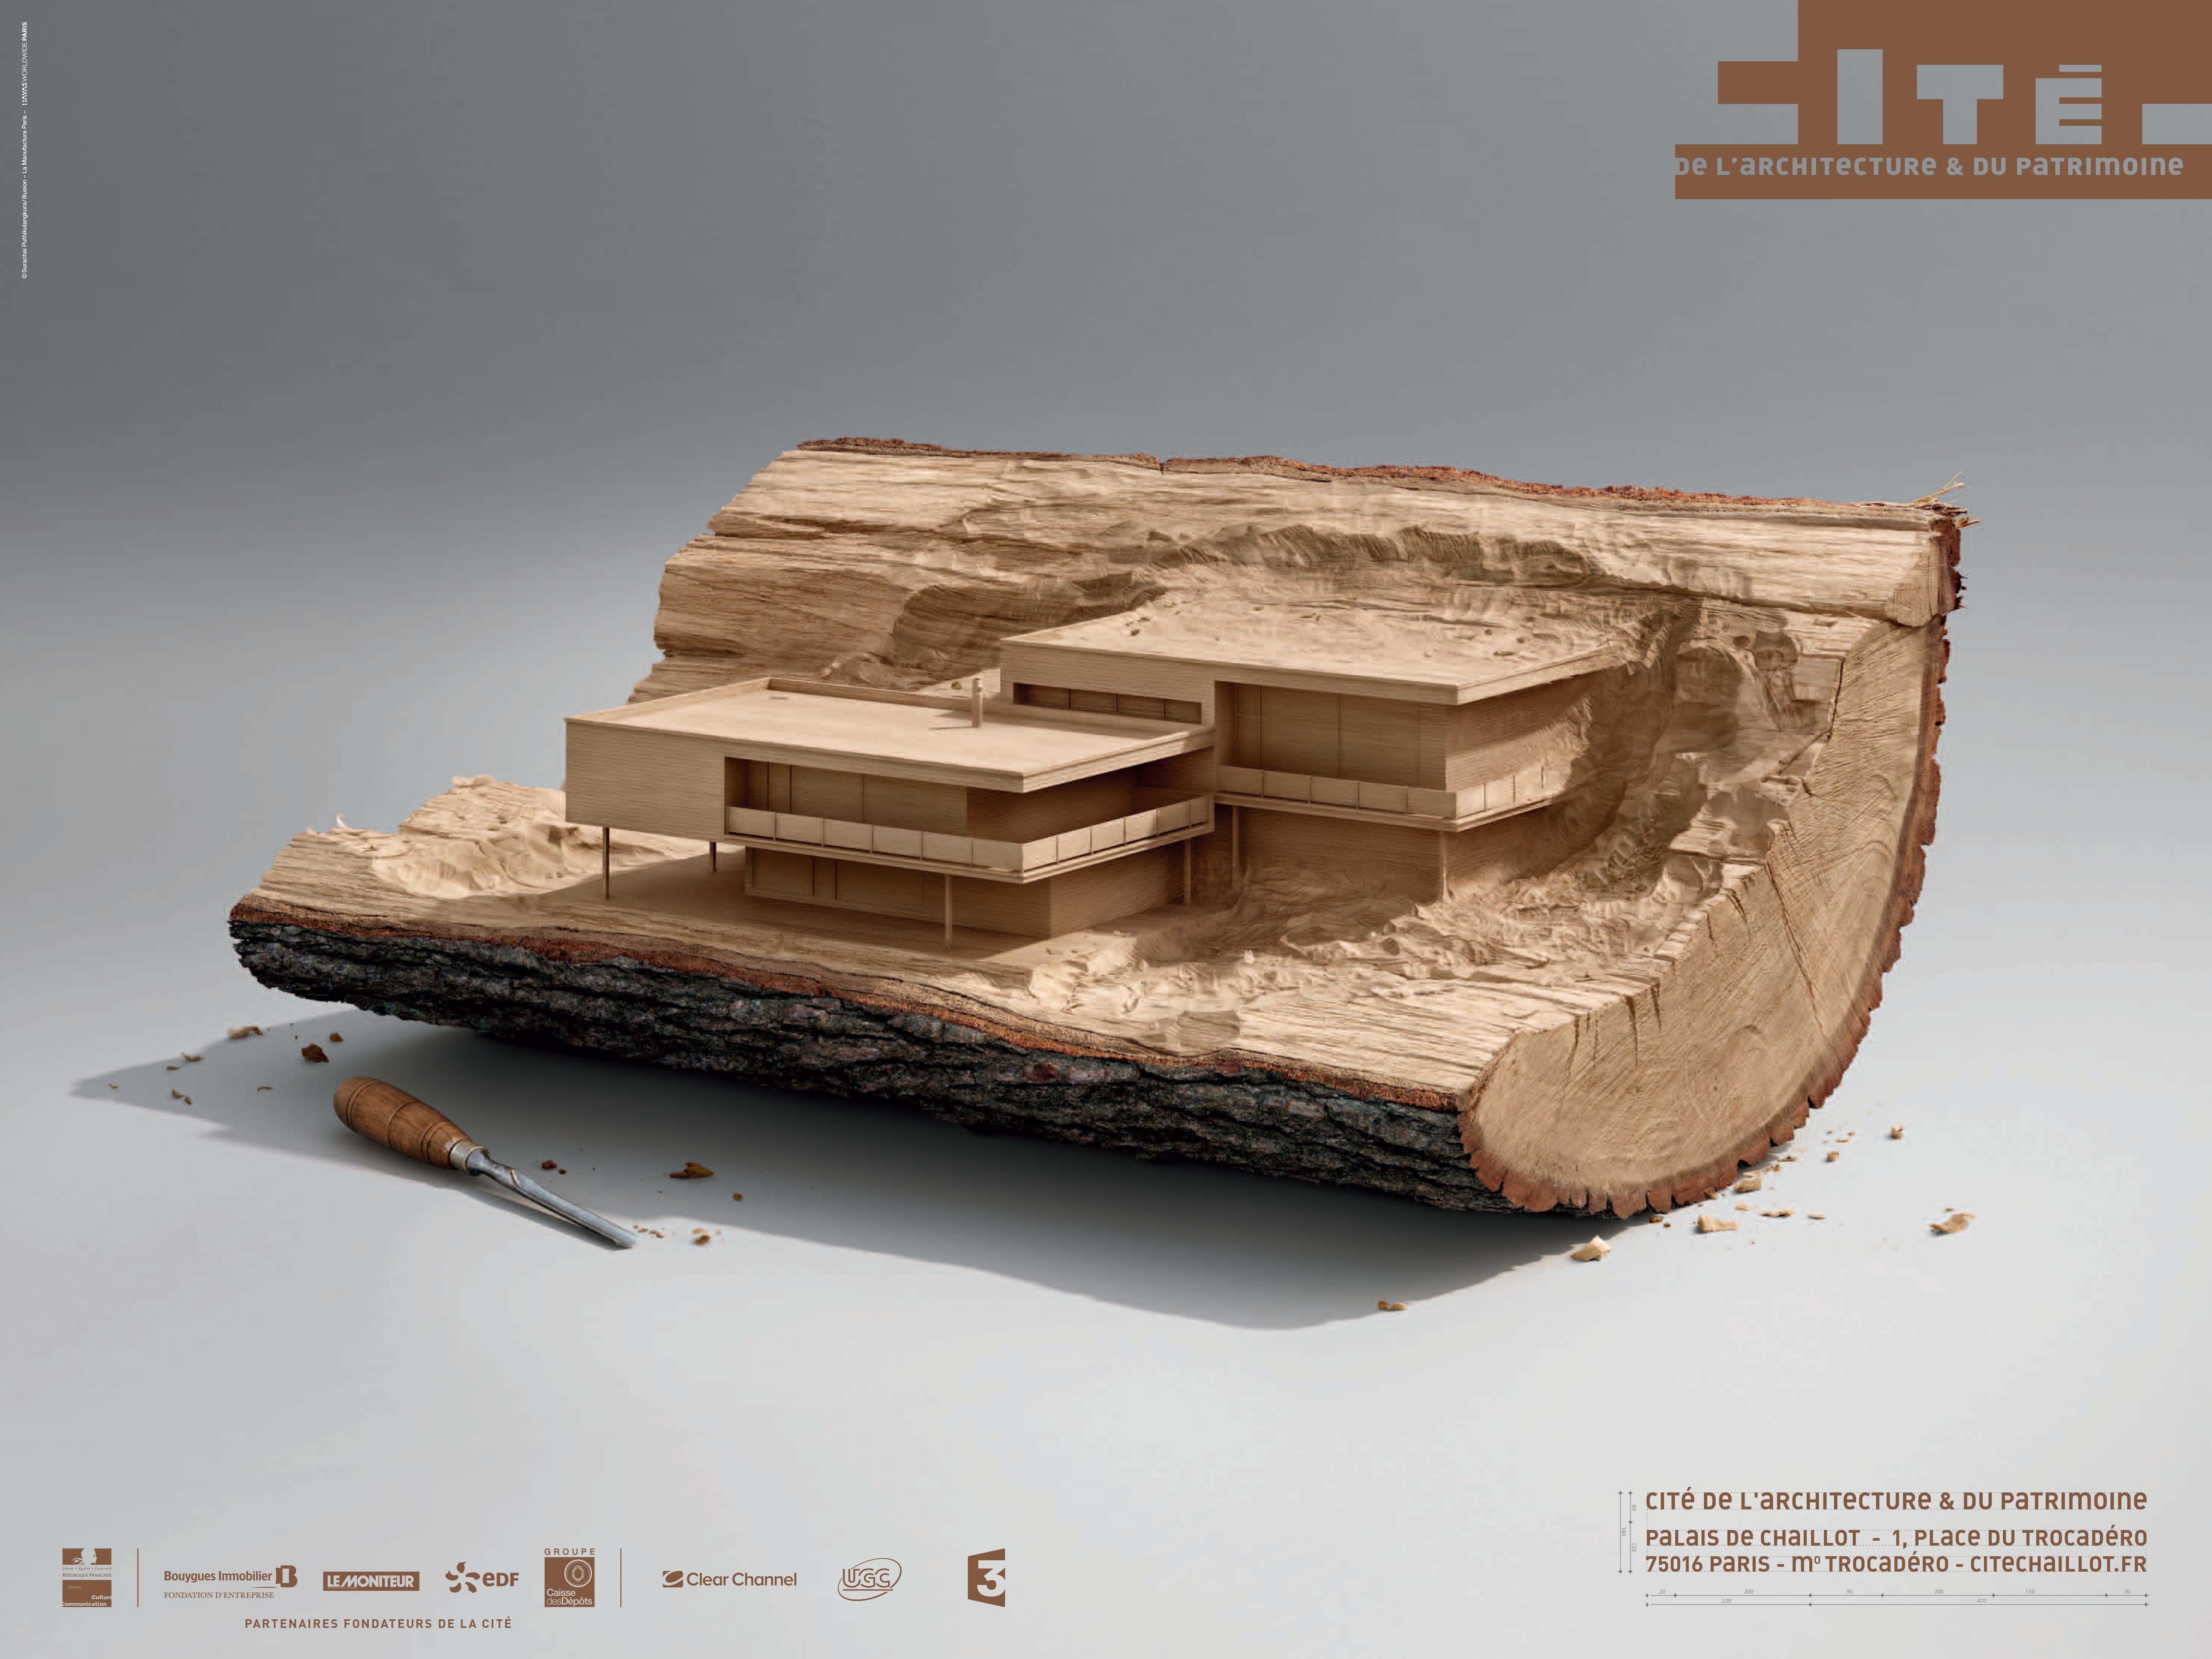 Llllitl cit architecture patrimoine paris publicit mus e for Agence architecture interieur paris